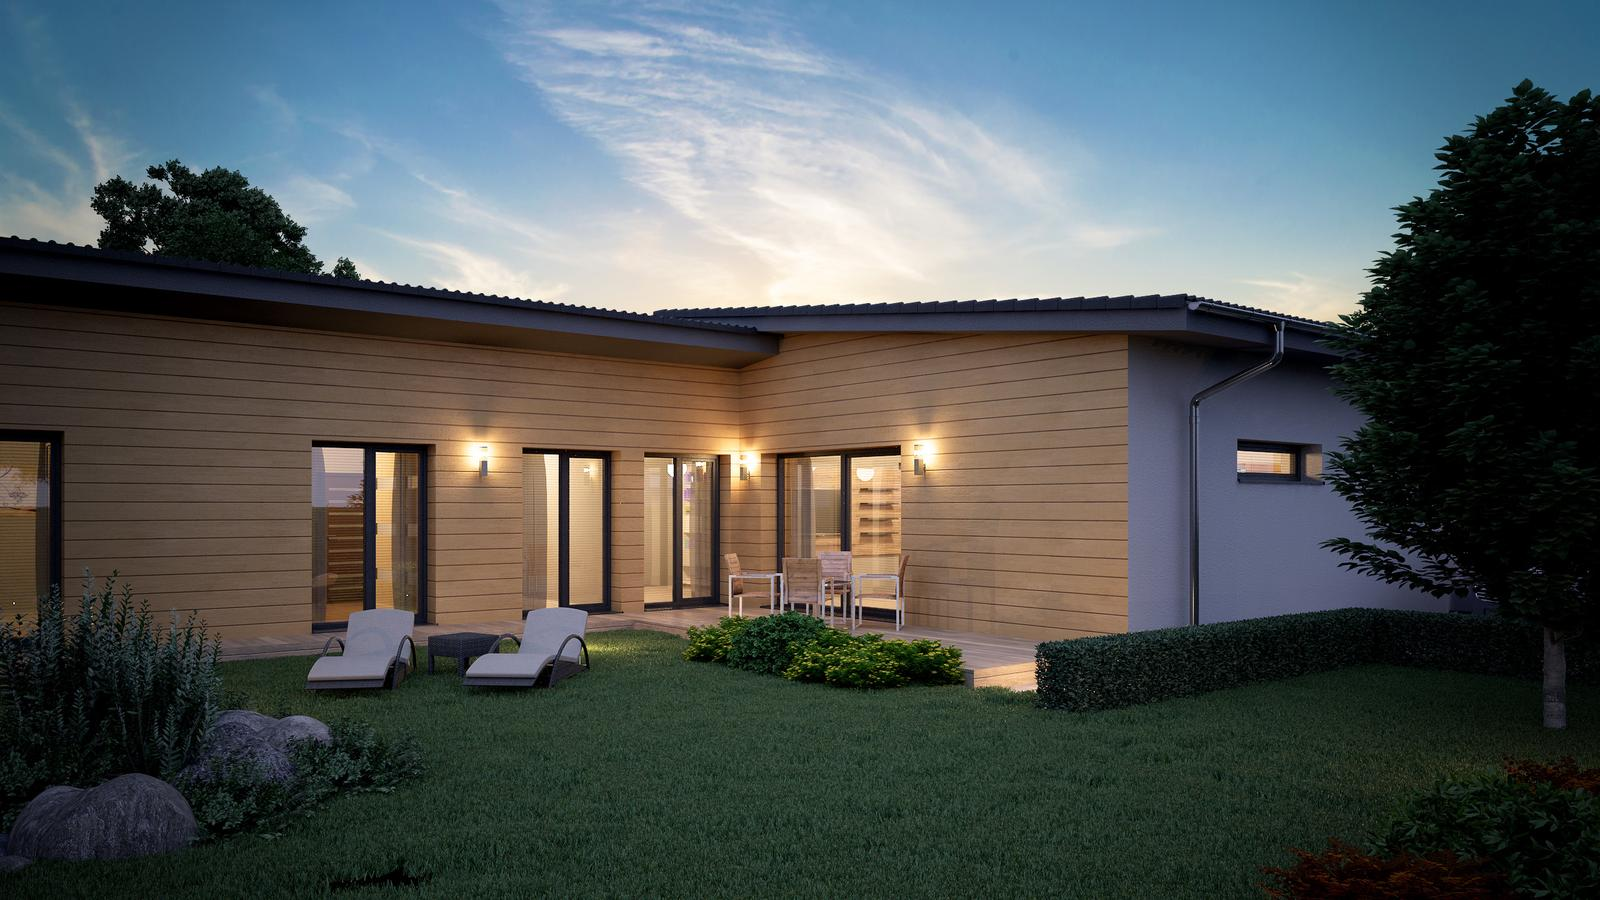 Ďalšie ukážky návrhov domčekov pre Vás - www.rodinny-dom.eu - Obrázok č. 18